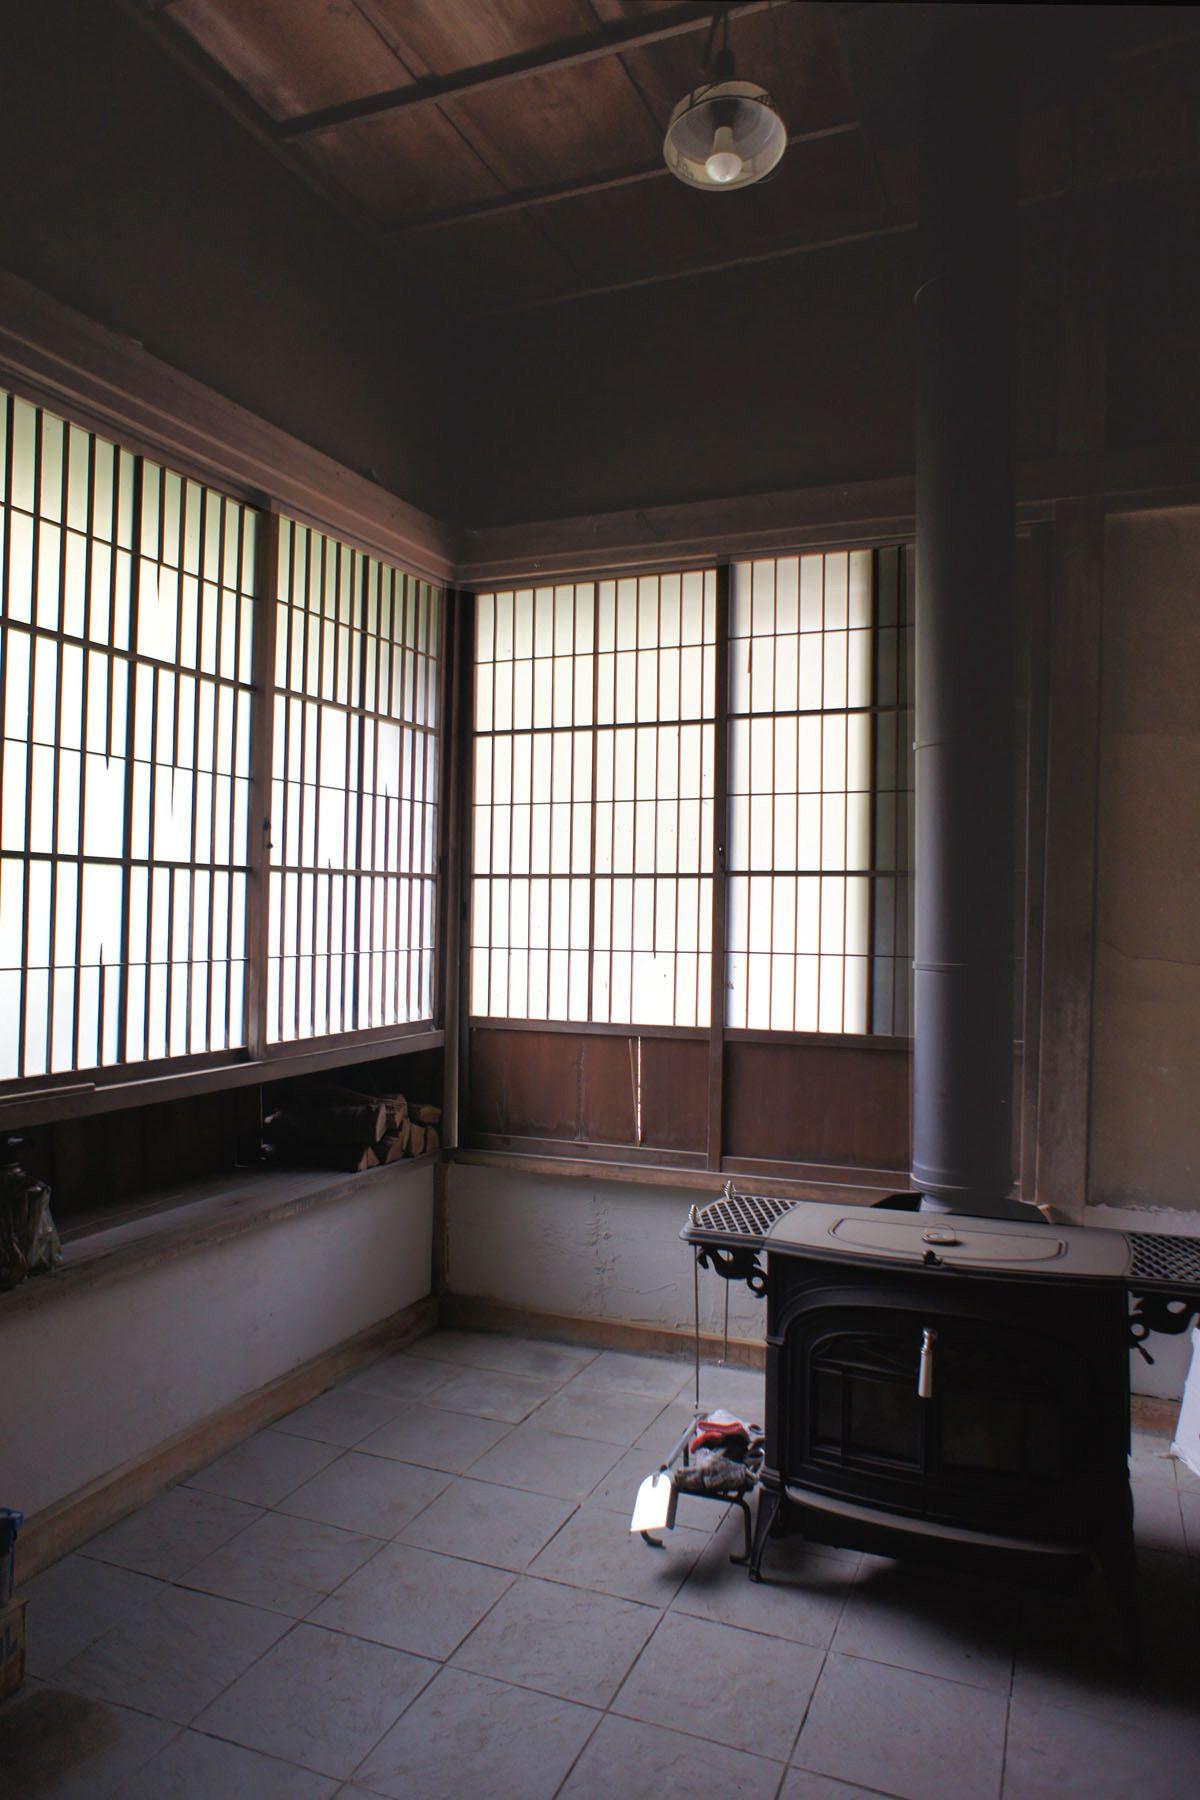 なつのじ(個人宅)玄関脇の土間には暖炉